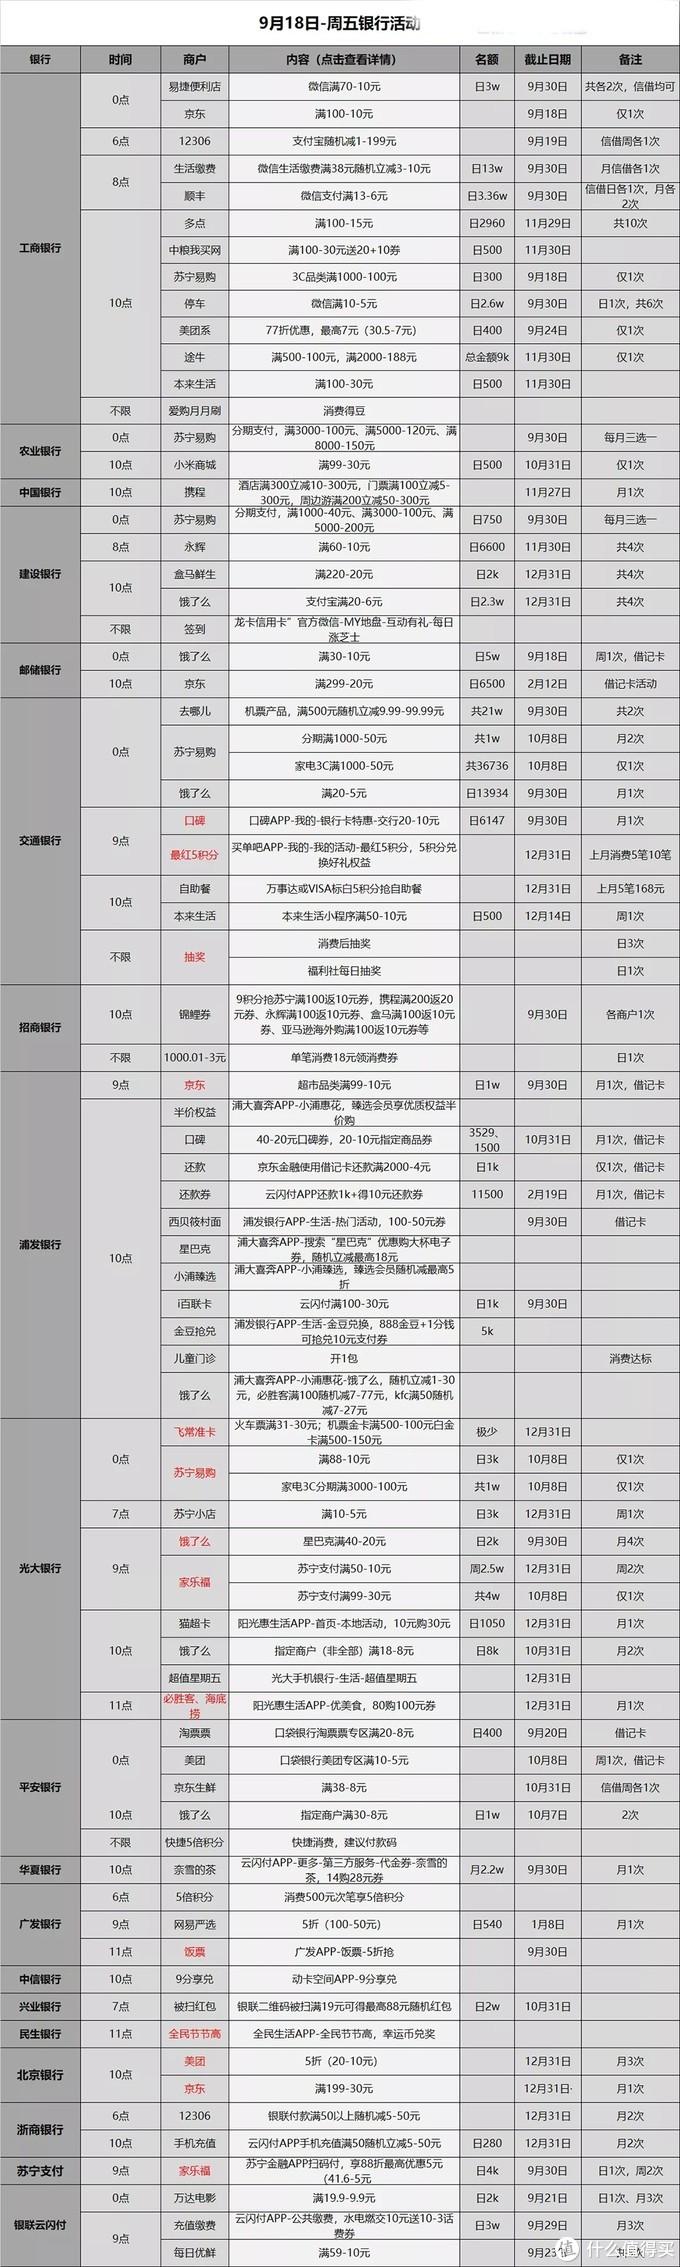 信用卡优惠活动分类汇总-2020.9.18